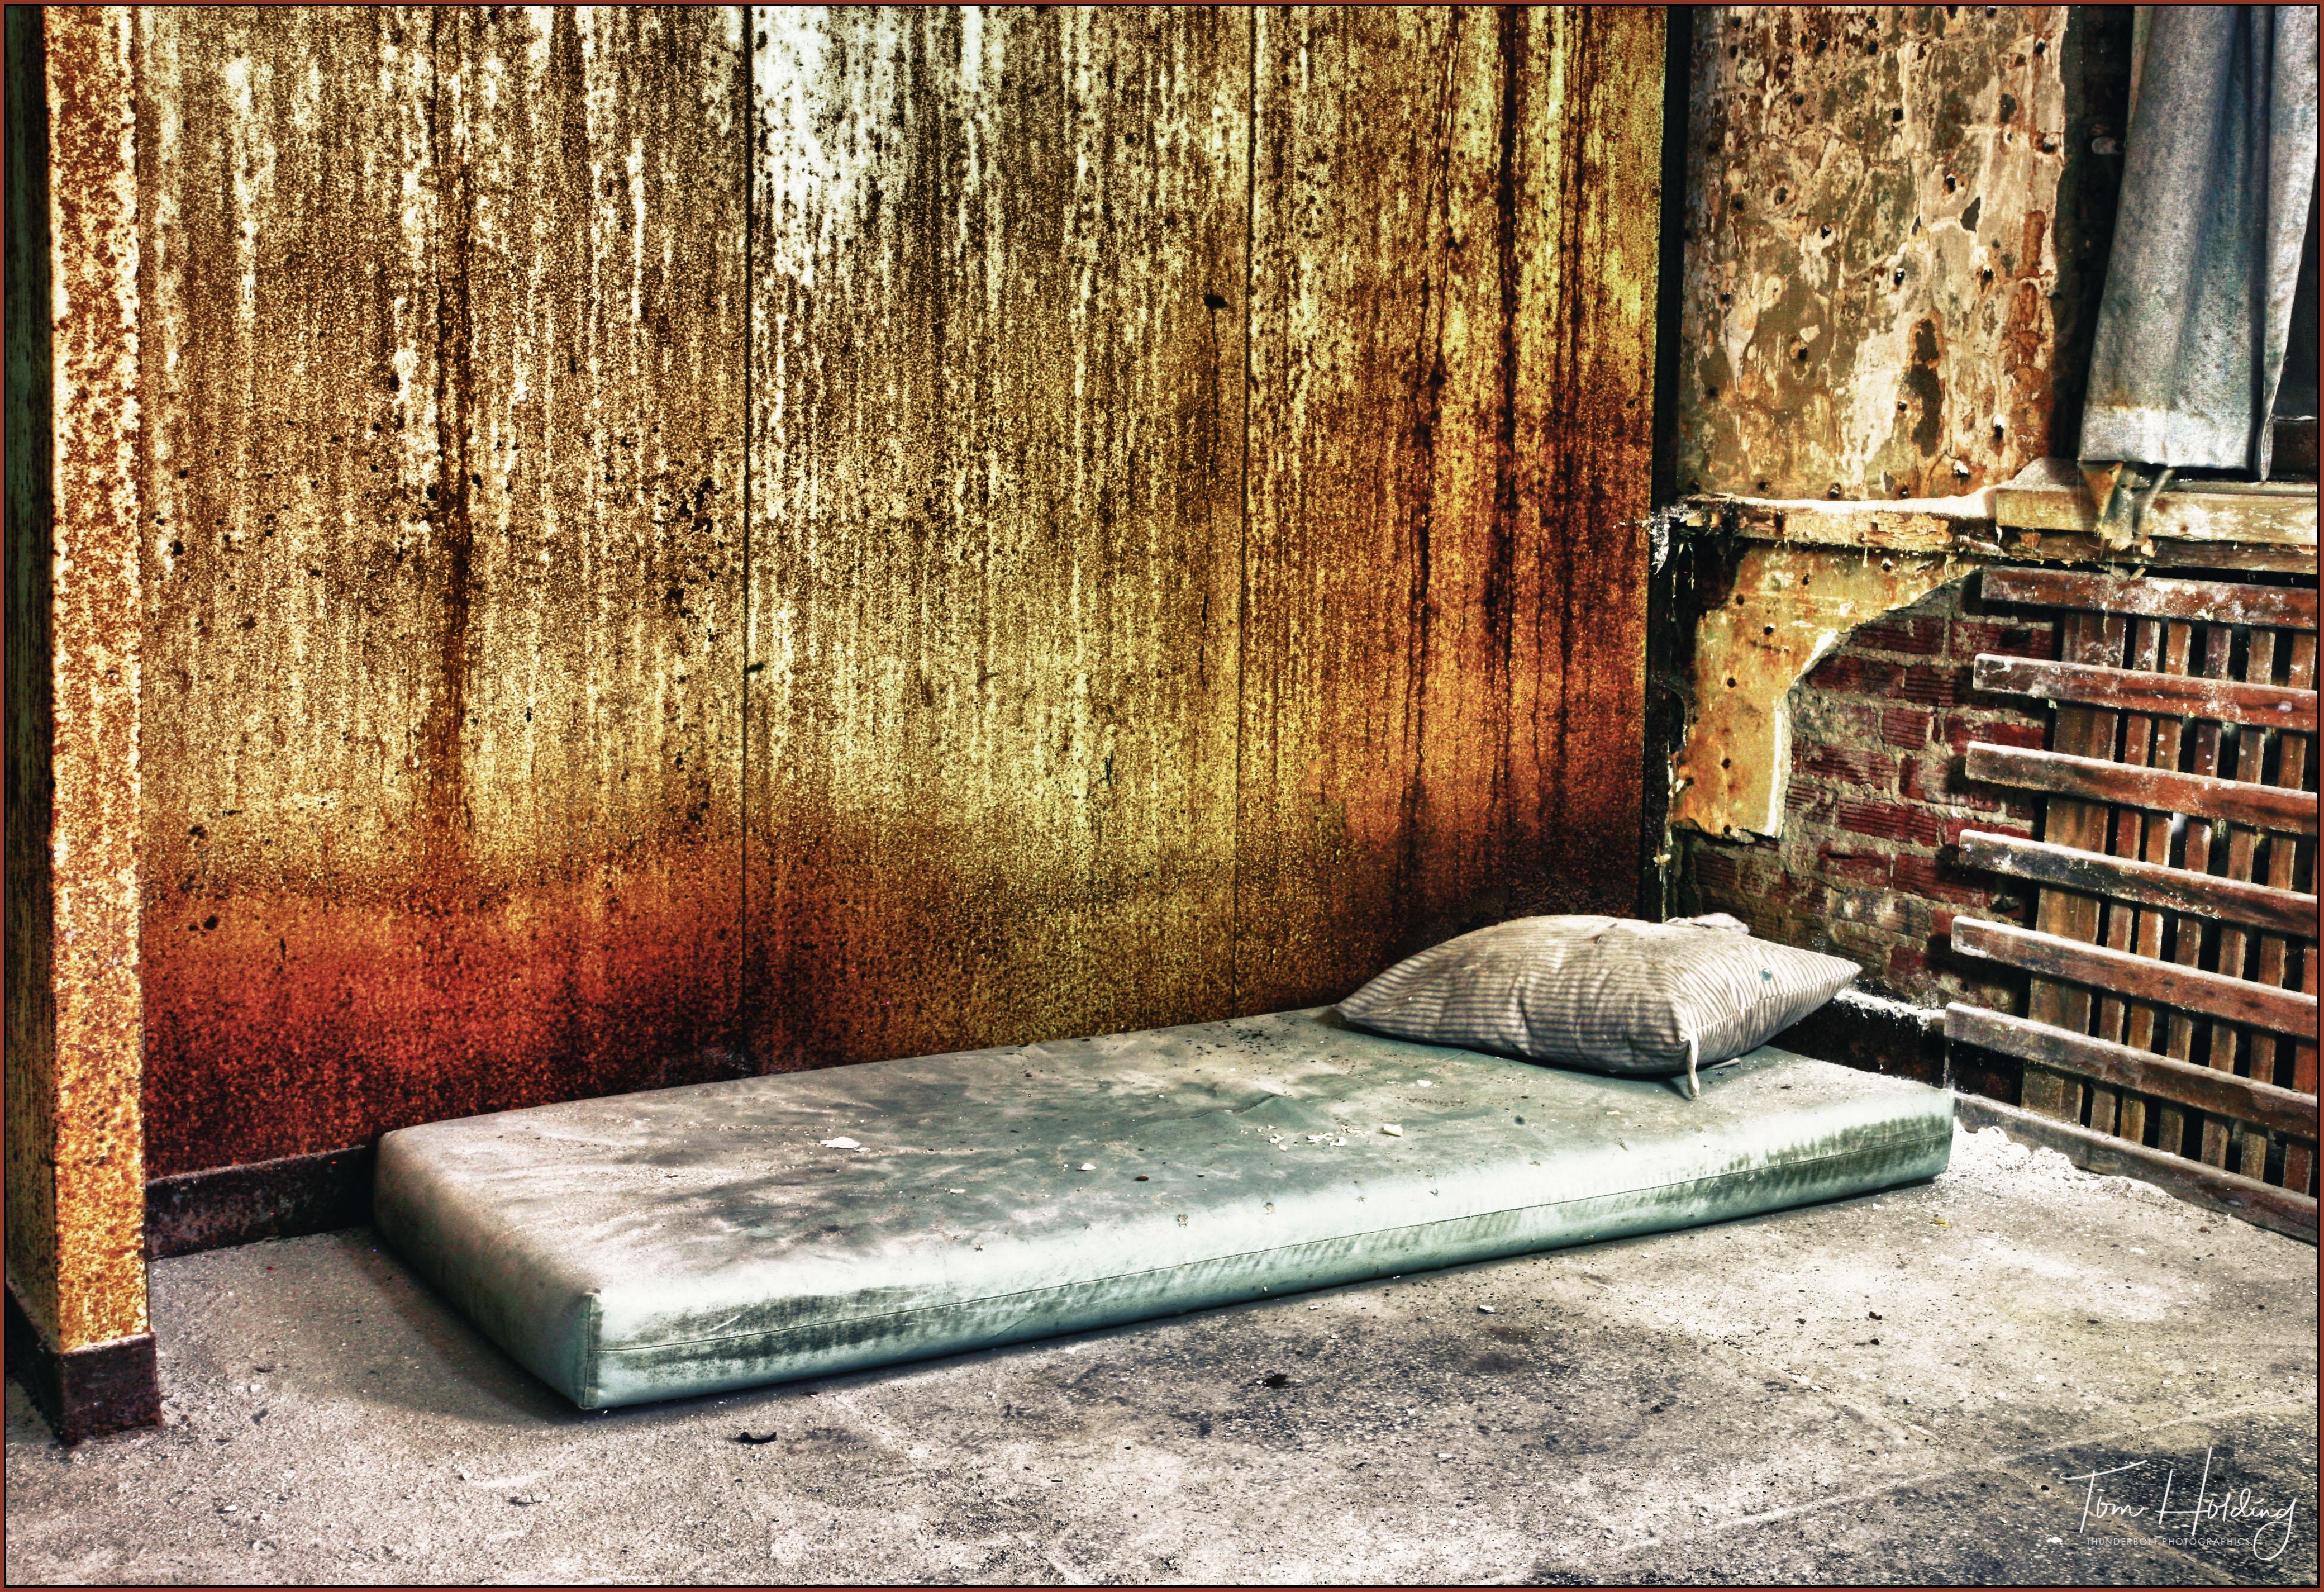 Floorbed